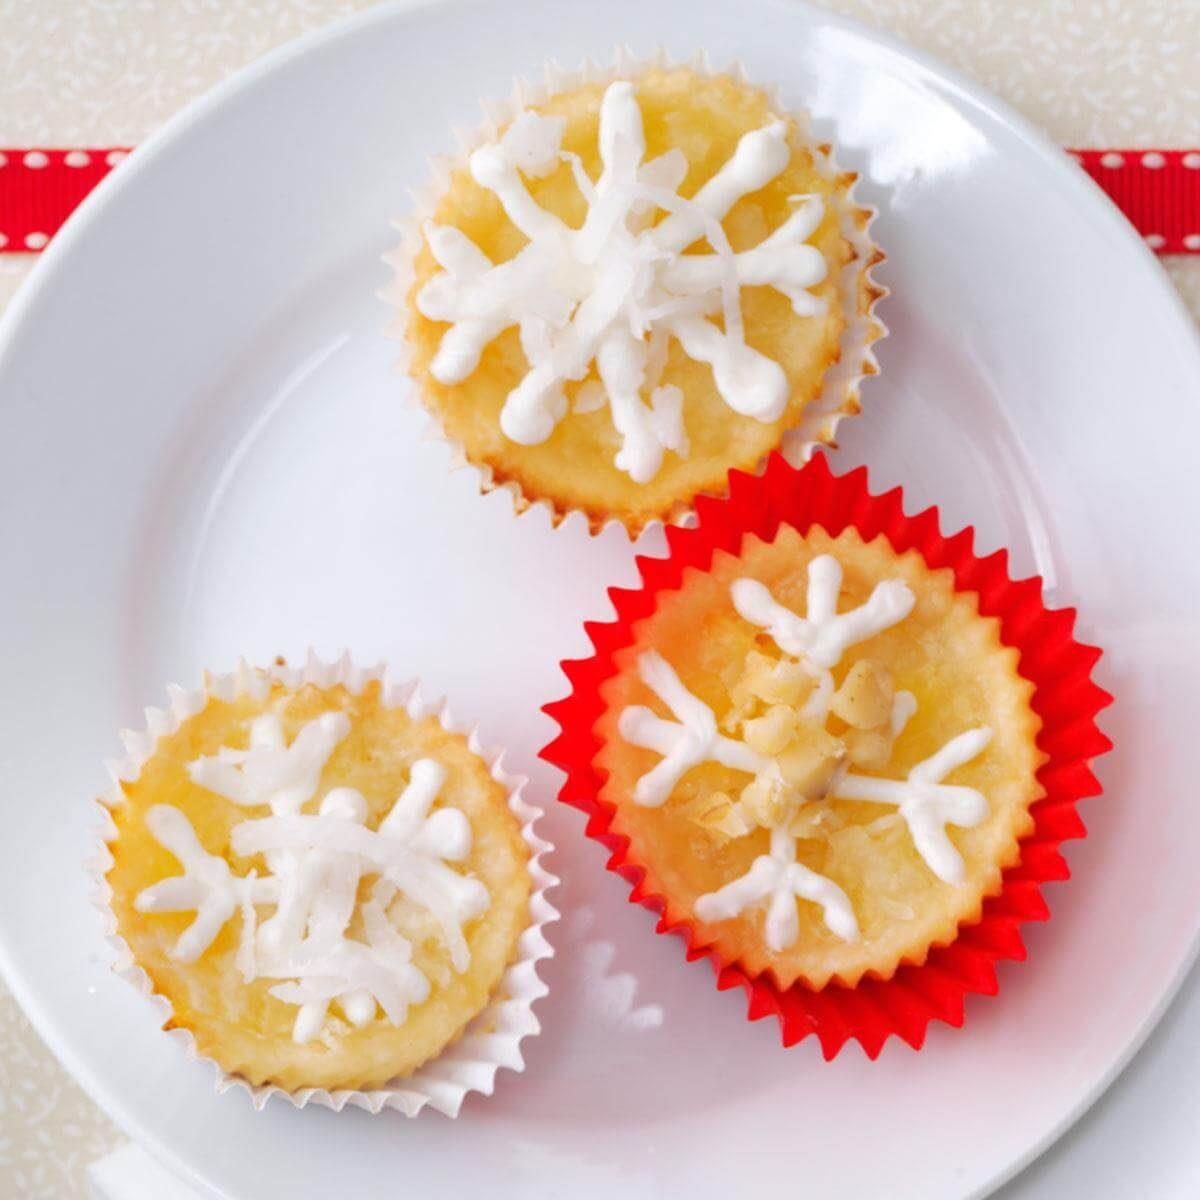 Calypso Cups Recipe | Taste of Home on publix cookies, international christmas cookies, bouncy house cookies, african christmas cookies, wedding dress cookies, scandinavian christmas cookies, big wheel cookies, nursery rhyme cookies, jack o'lantern cookies,